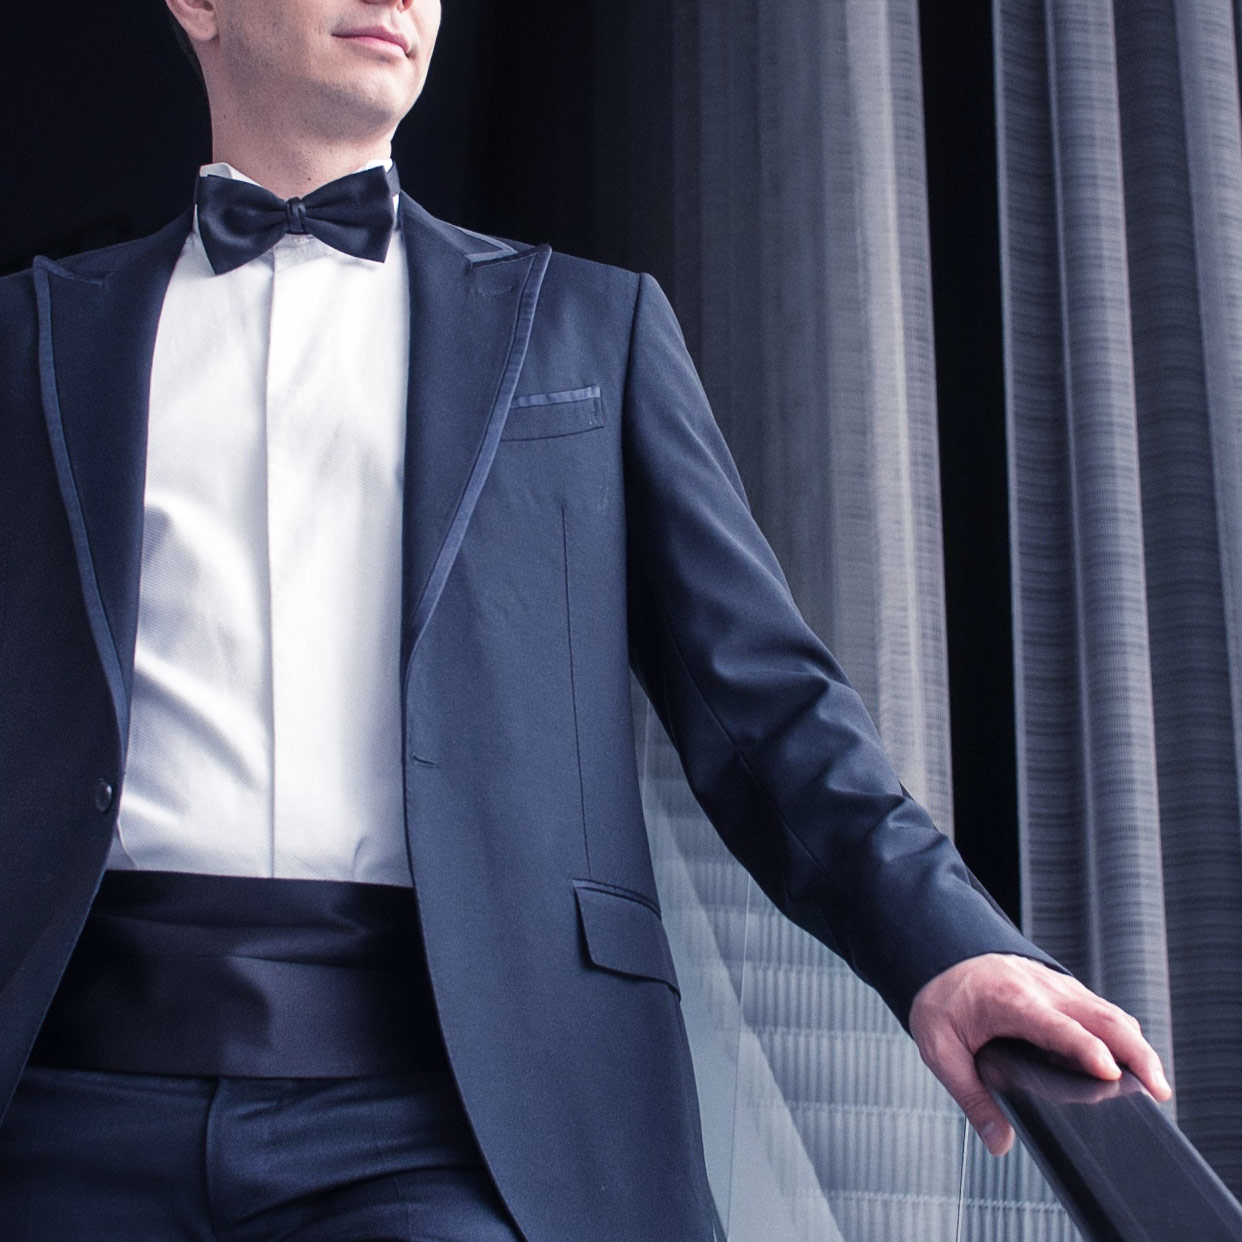 礼服のクリーニング、ここがポイント!頻度やおうちでのお手入れ方法を徹底解説